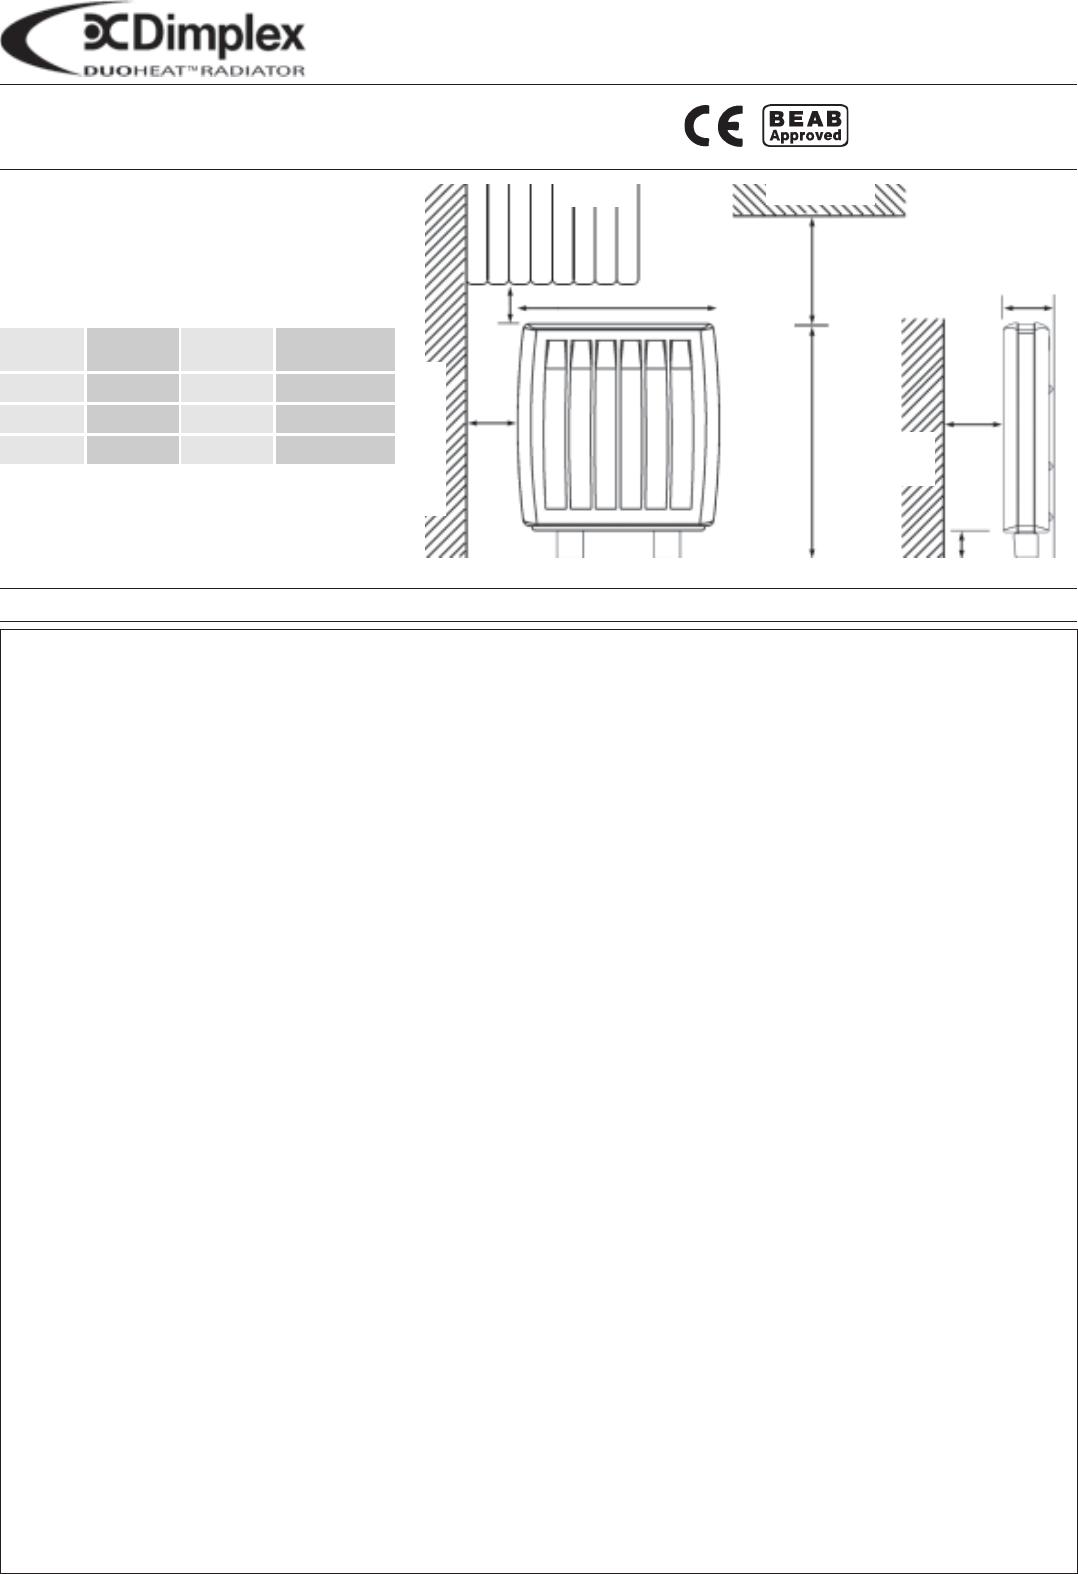 dimplex electric heater duo400i duo500i user guide